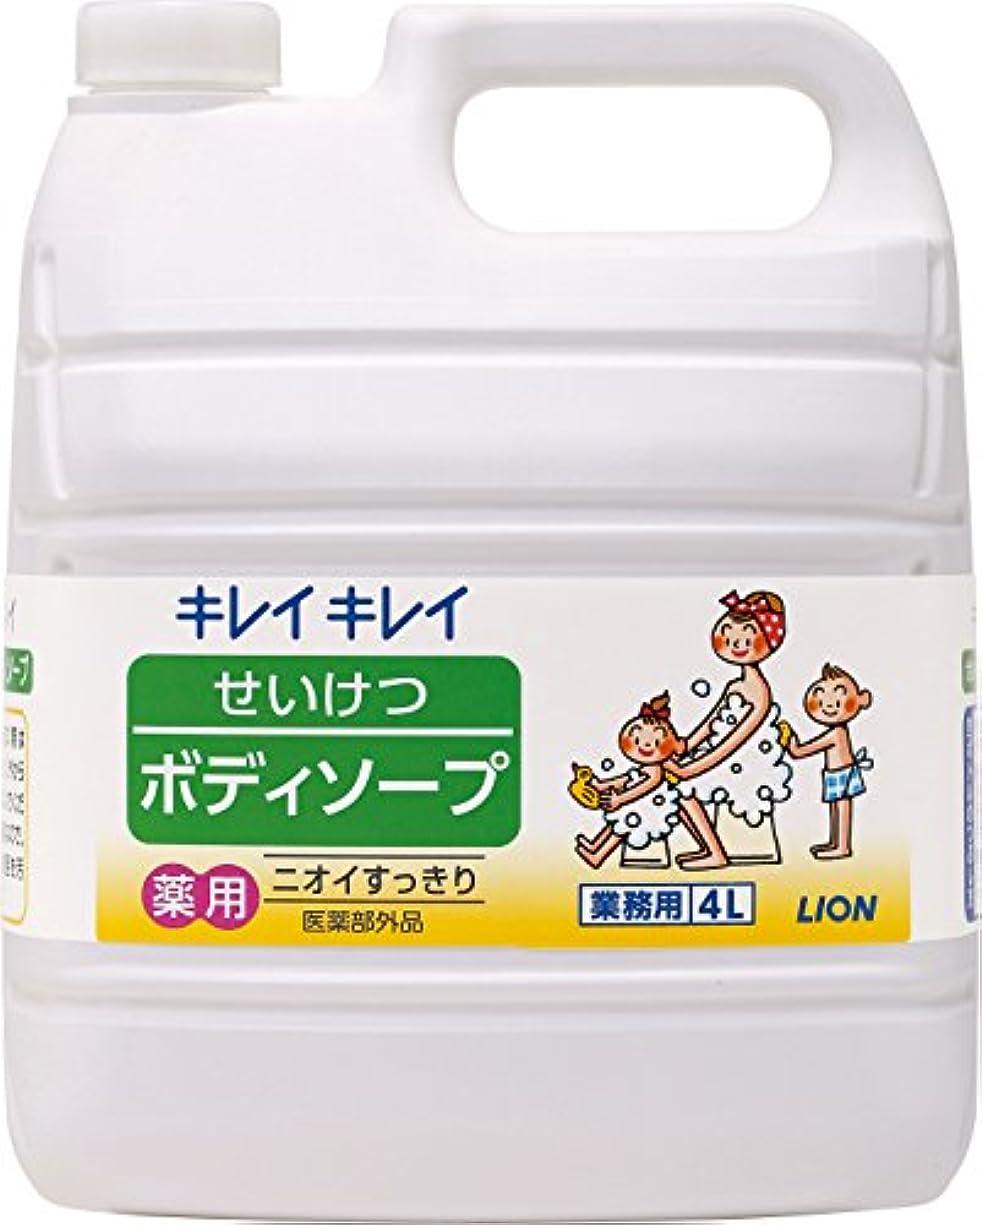 窒素討論スムーズに【業務用 大容量】キレイキレイ せいけつボディソープ さわやかなレモン&オレンジの香り 4L(医薬部外品)